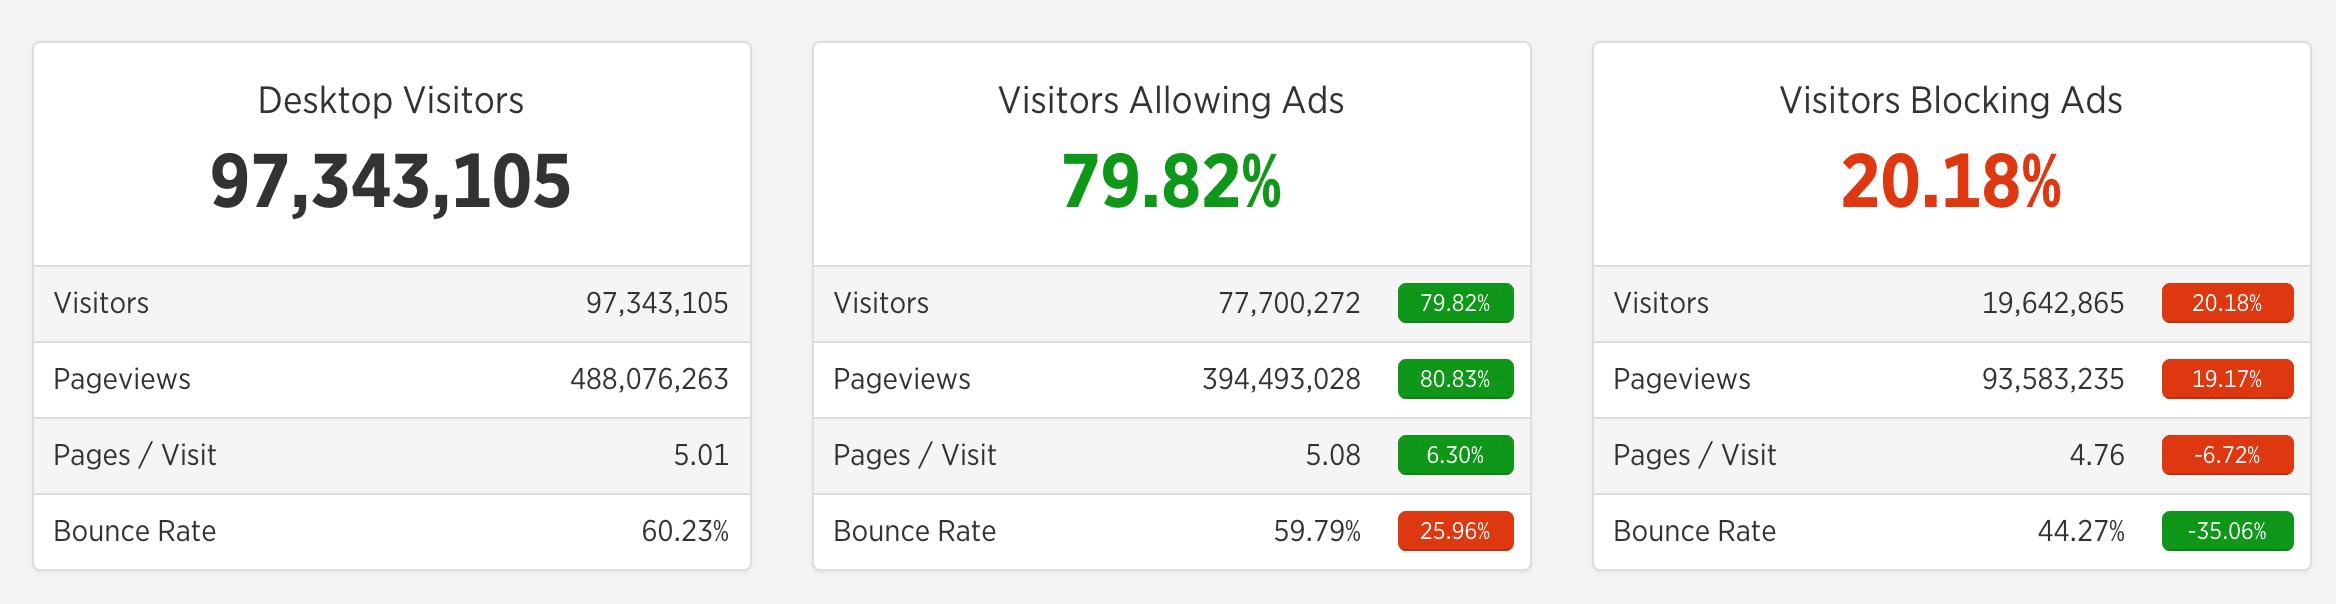 Estadísticas de bloqueo de anuncios